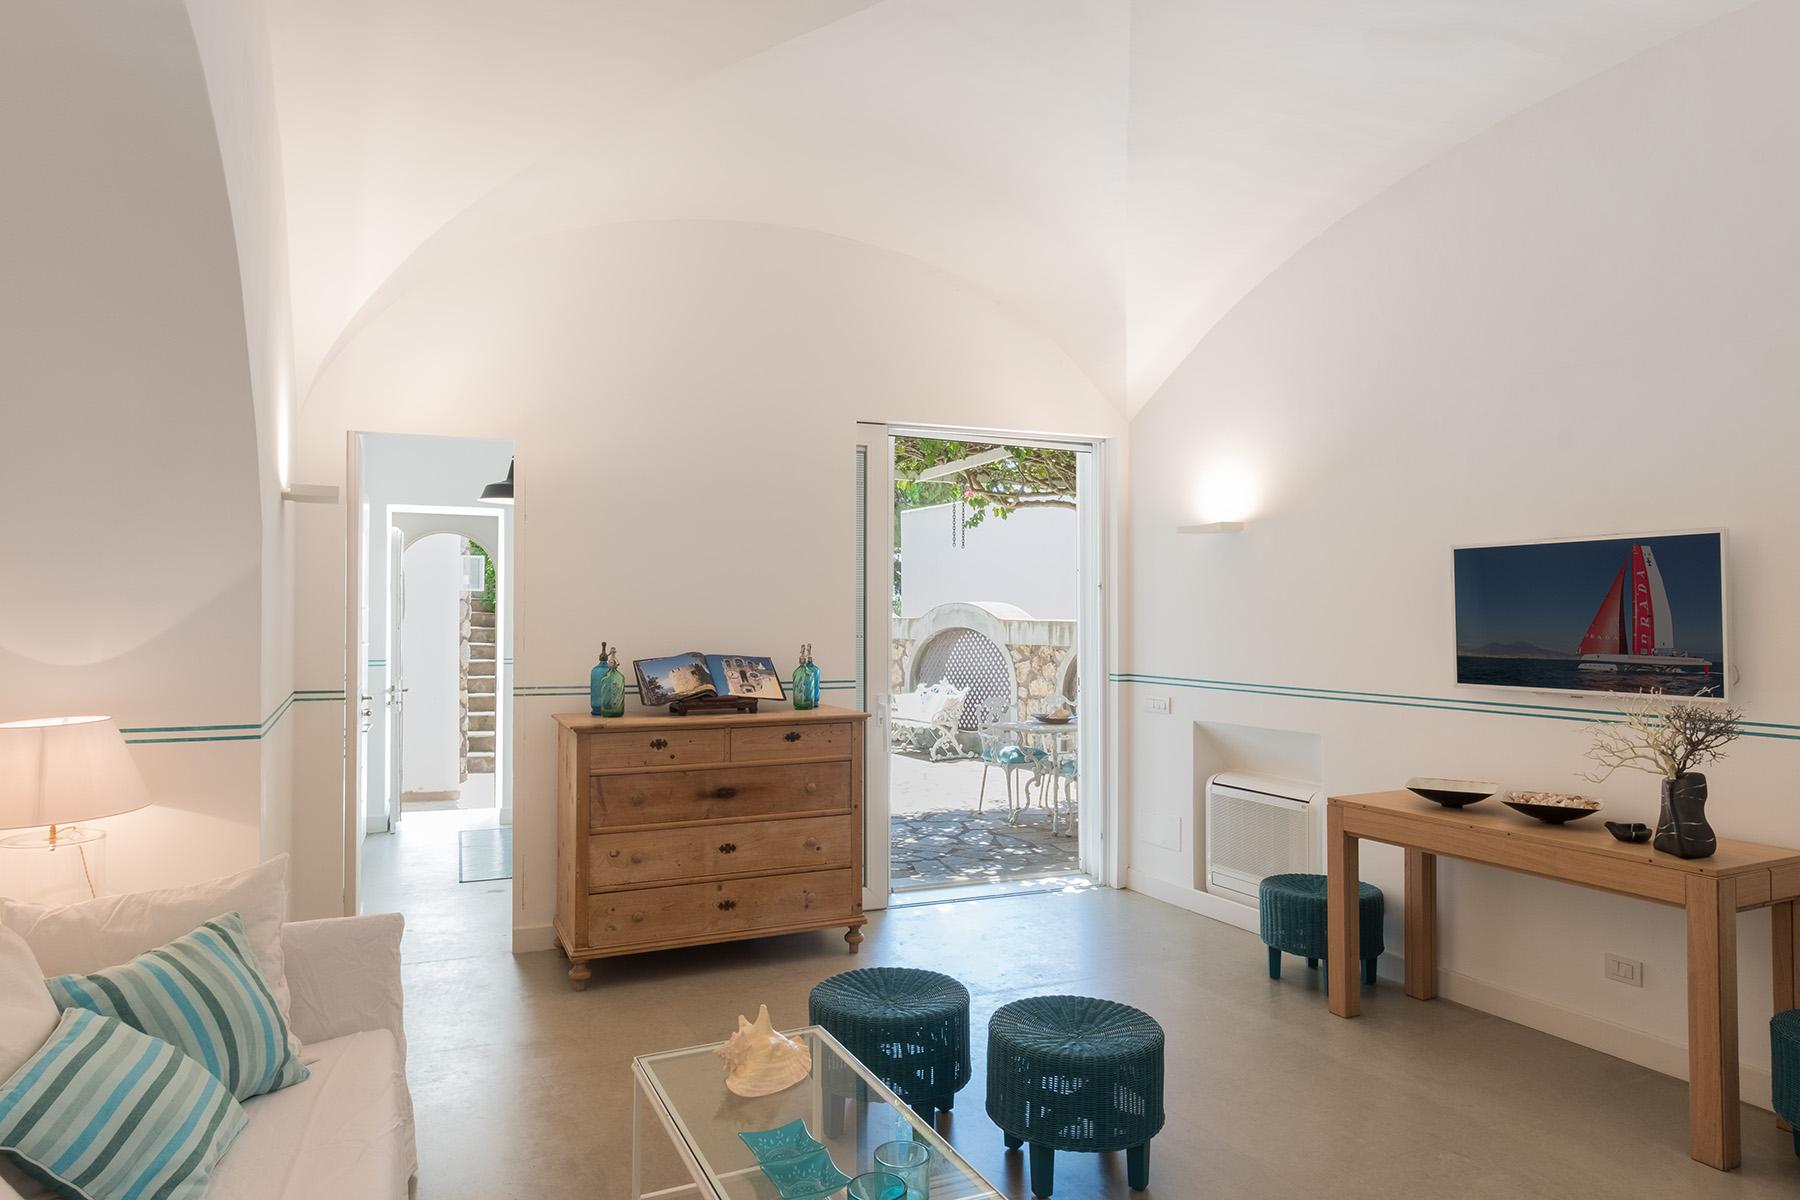 Appartamento in Vendita a Capri: 4 locali, 100 mq - Foto 10